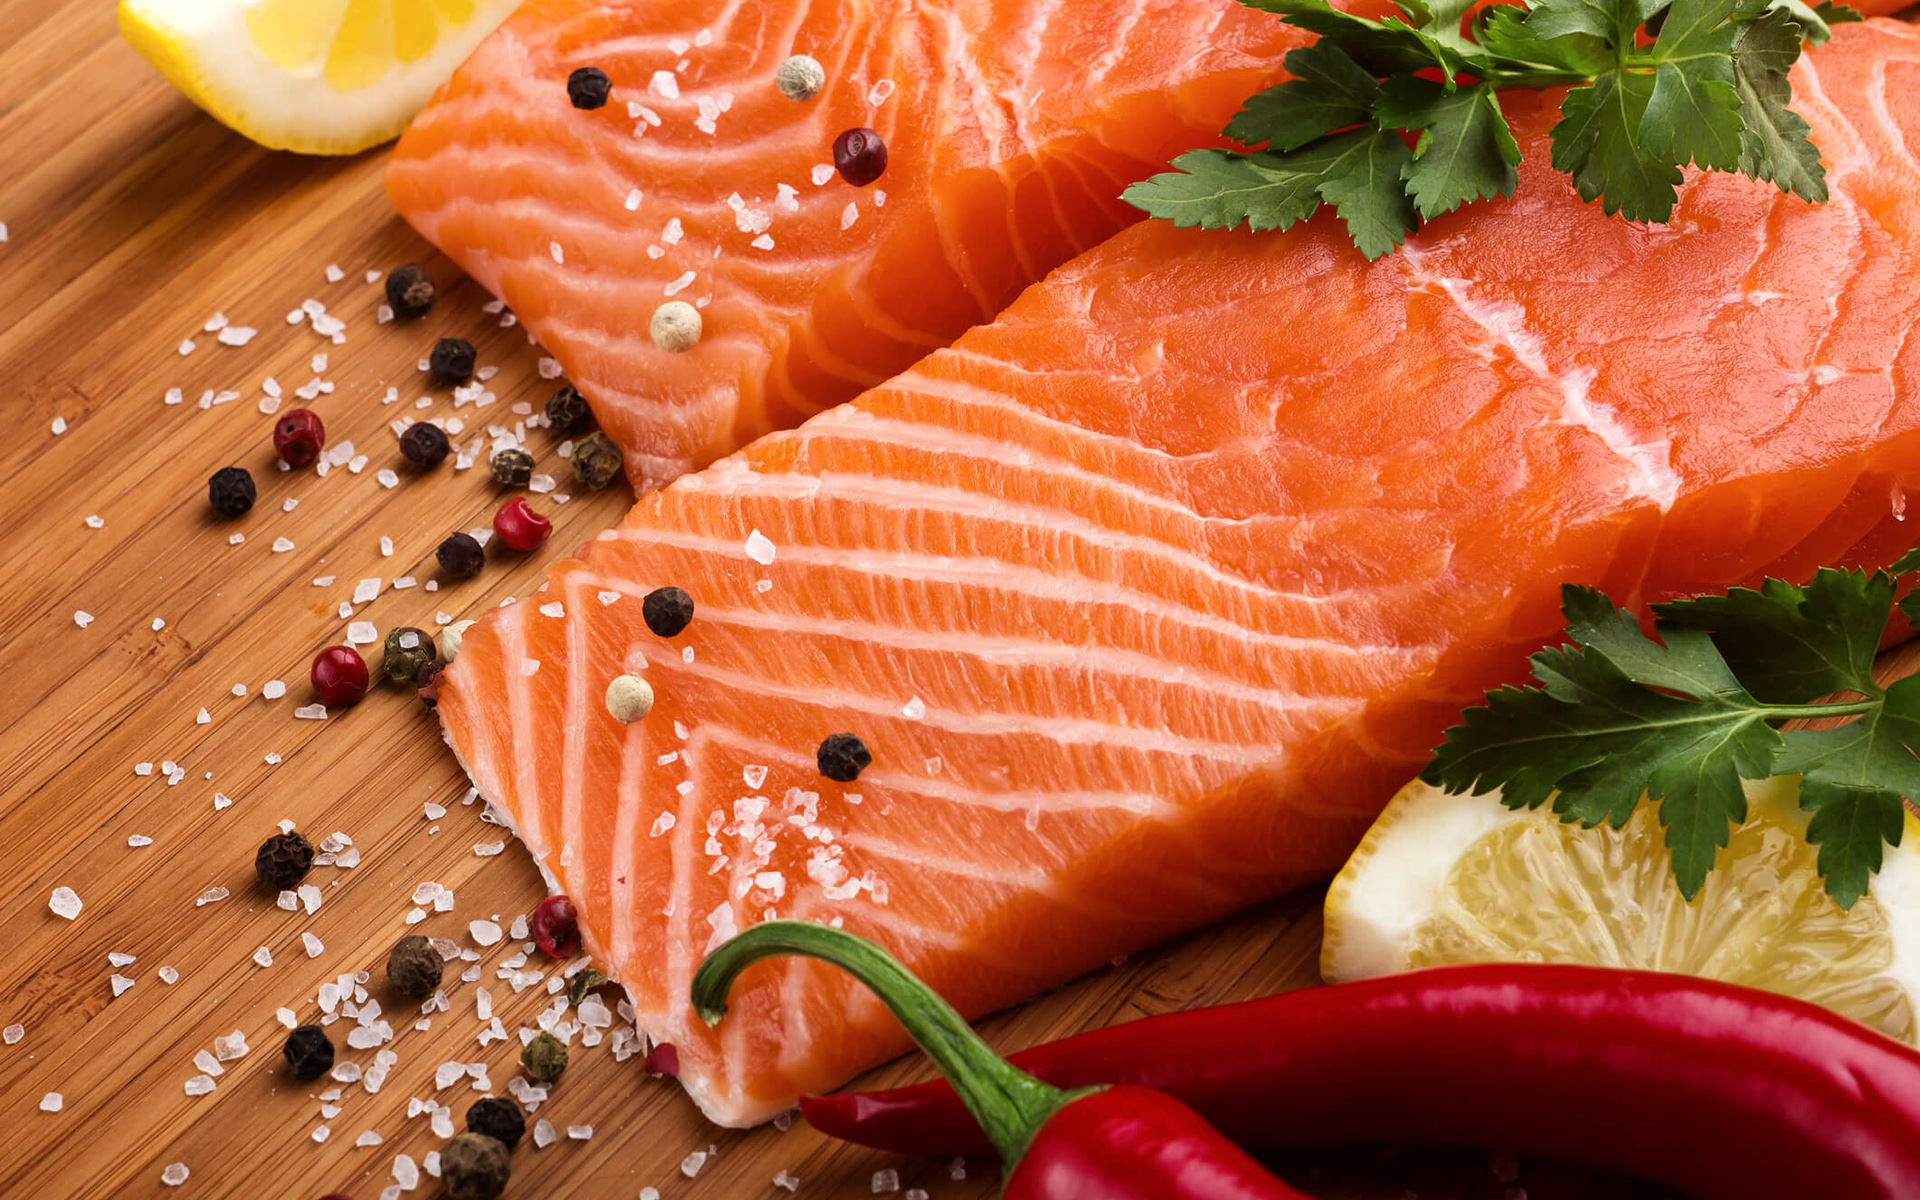 фото красной рыбы на столе юго-западной части теплого